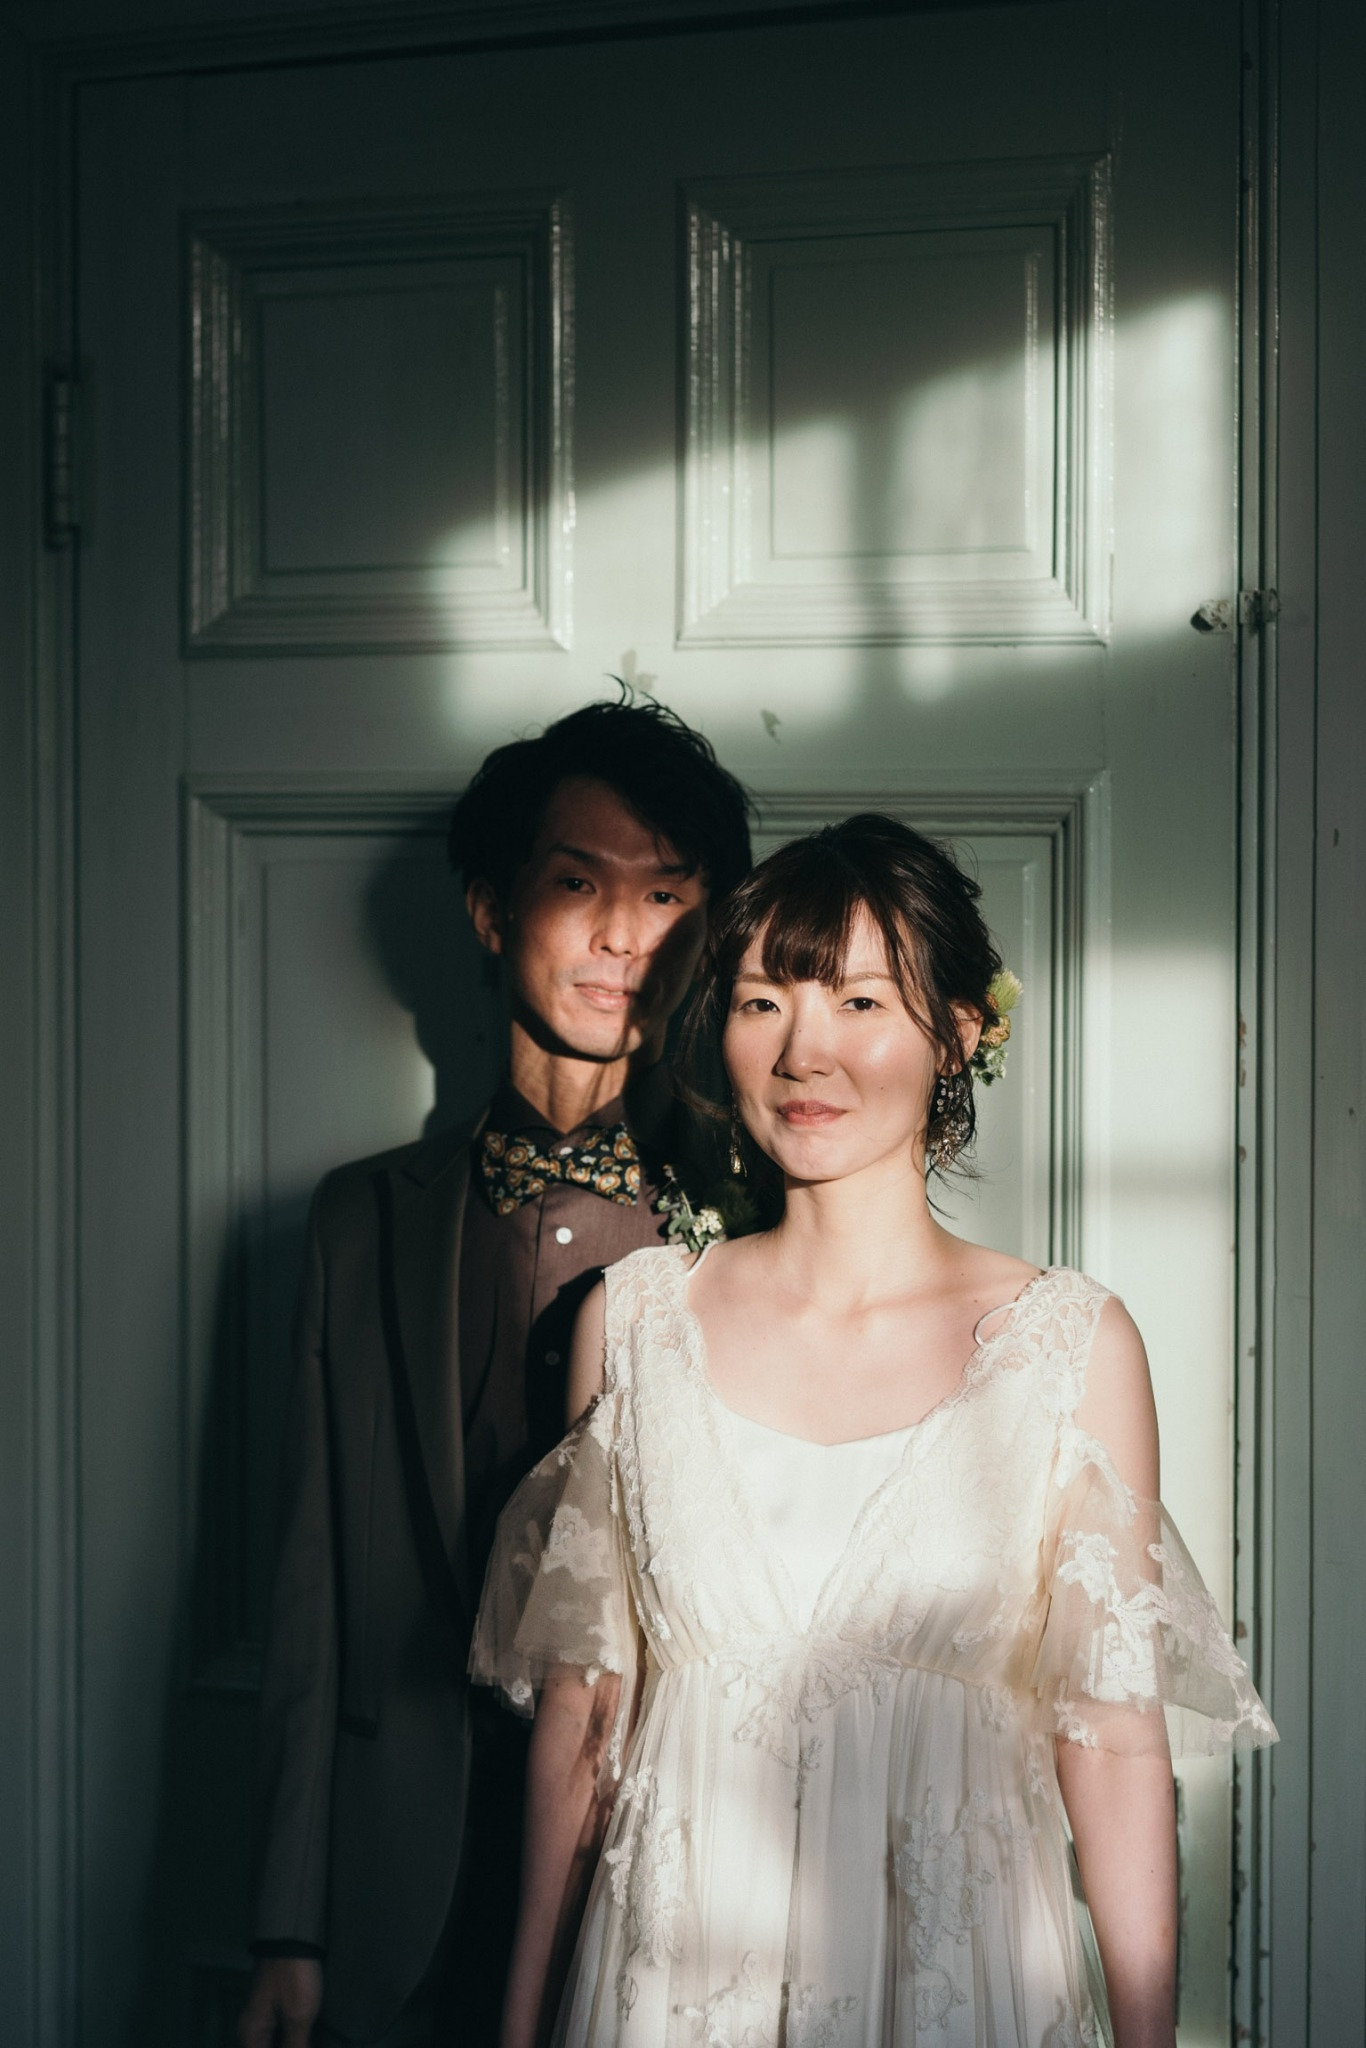 旧グッゲンハイム邸での結婚式をプロデュース